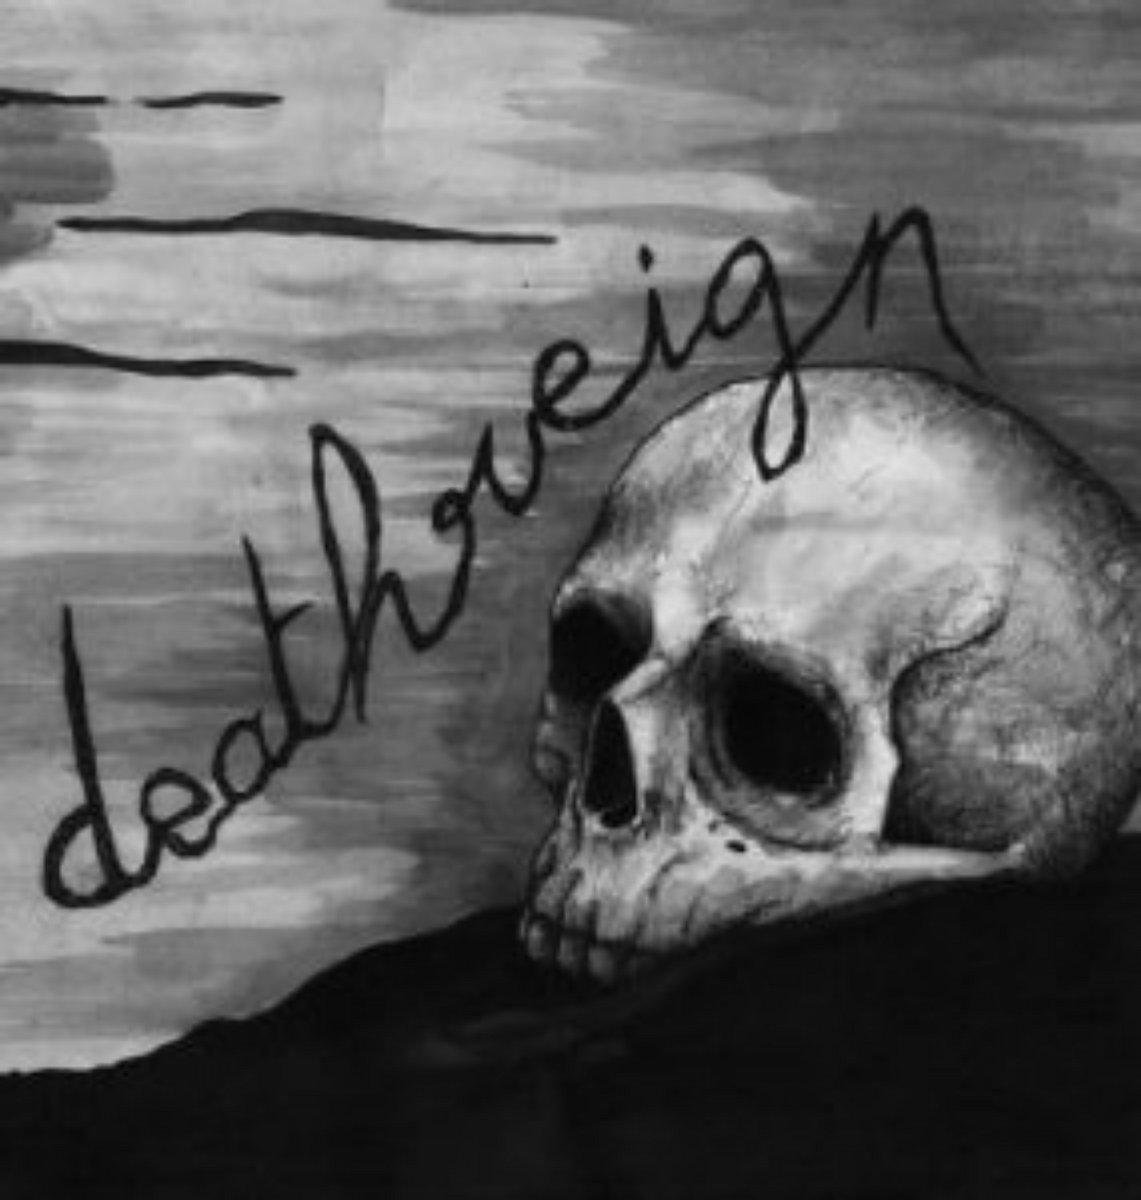 Deathreign - Deathreign